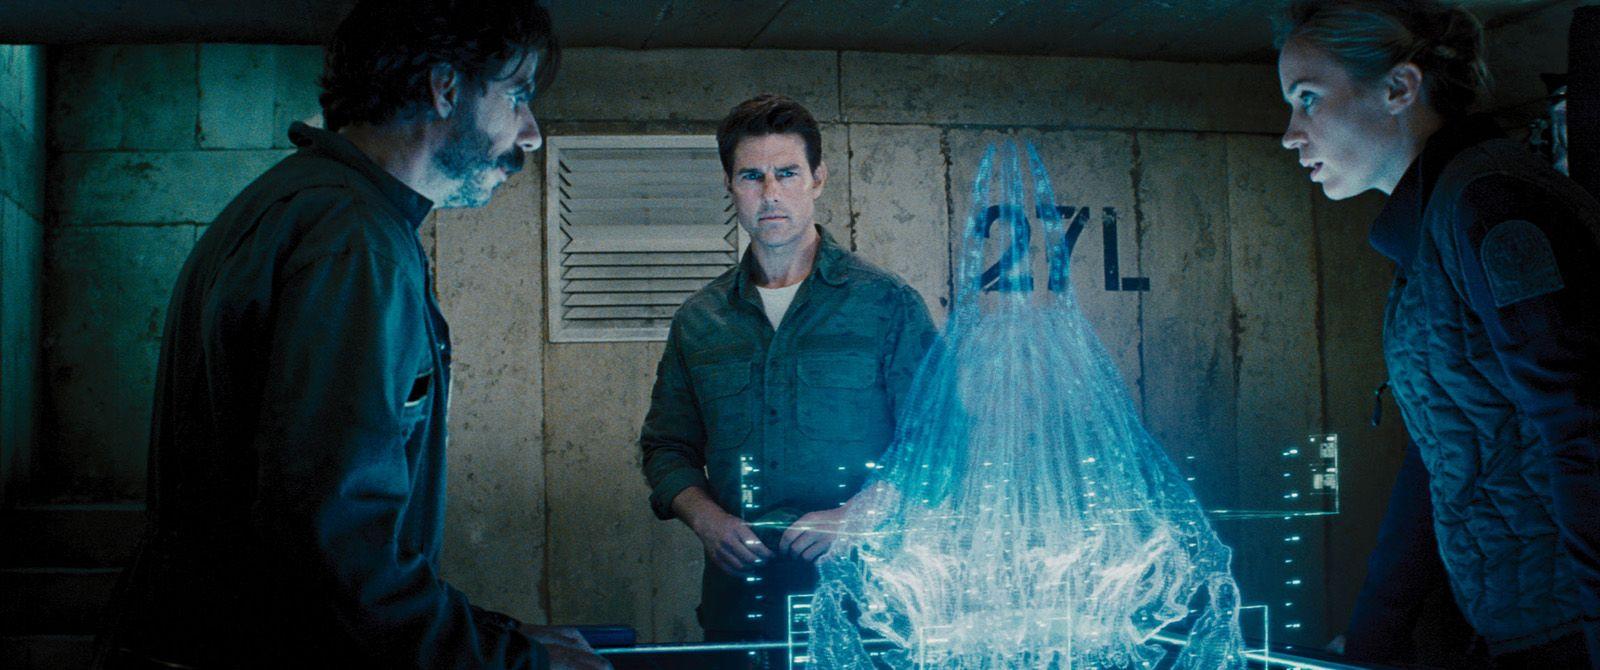 зеленой фильмы про инапланетян и время каждые